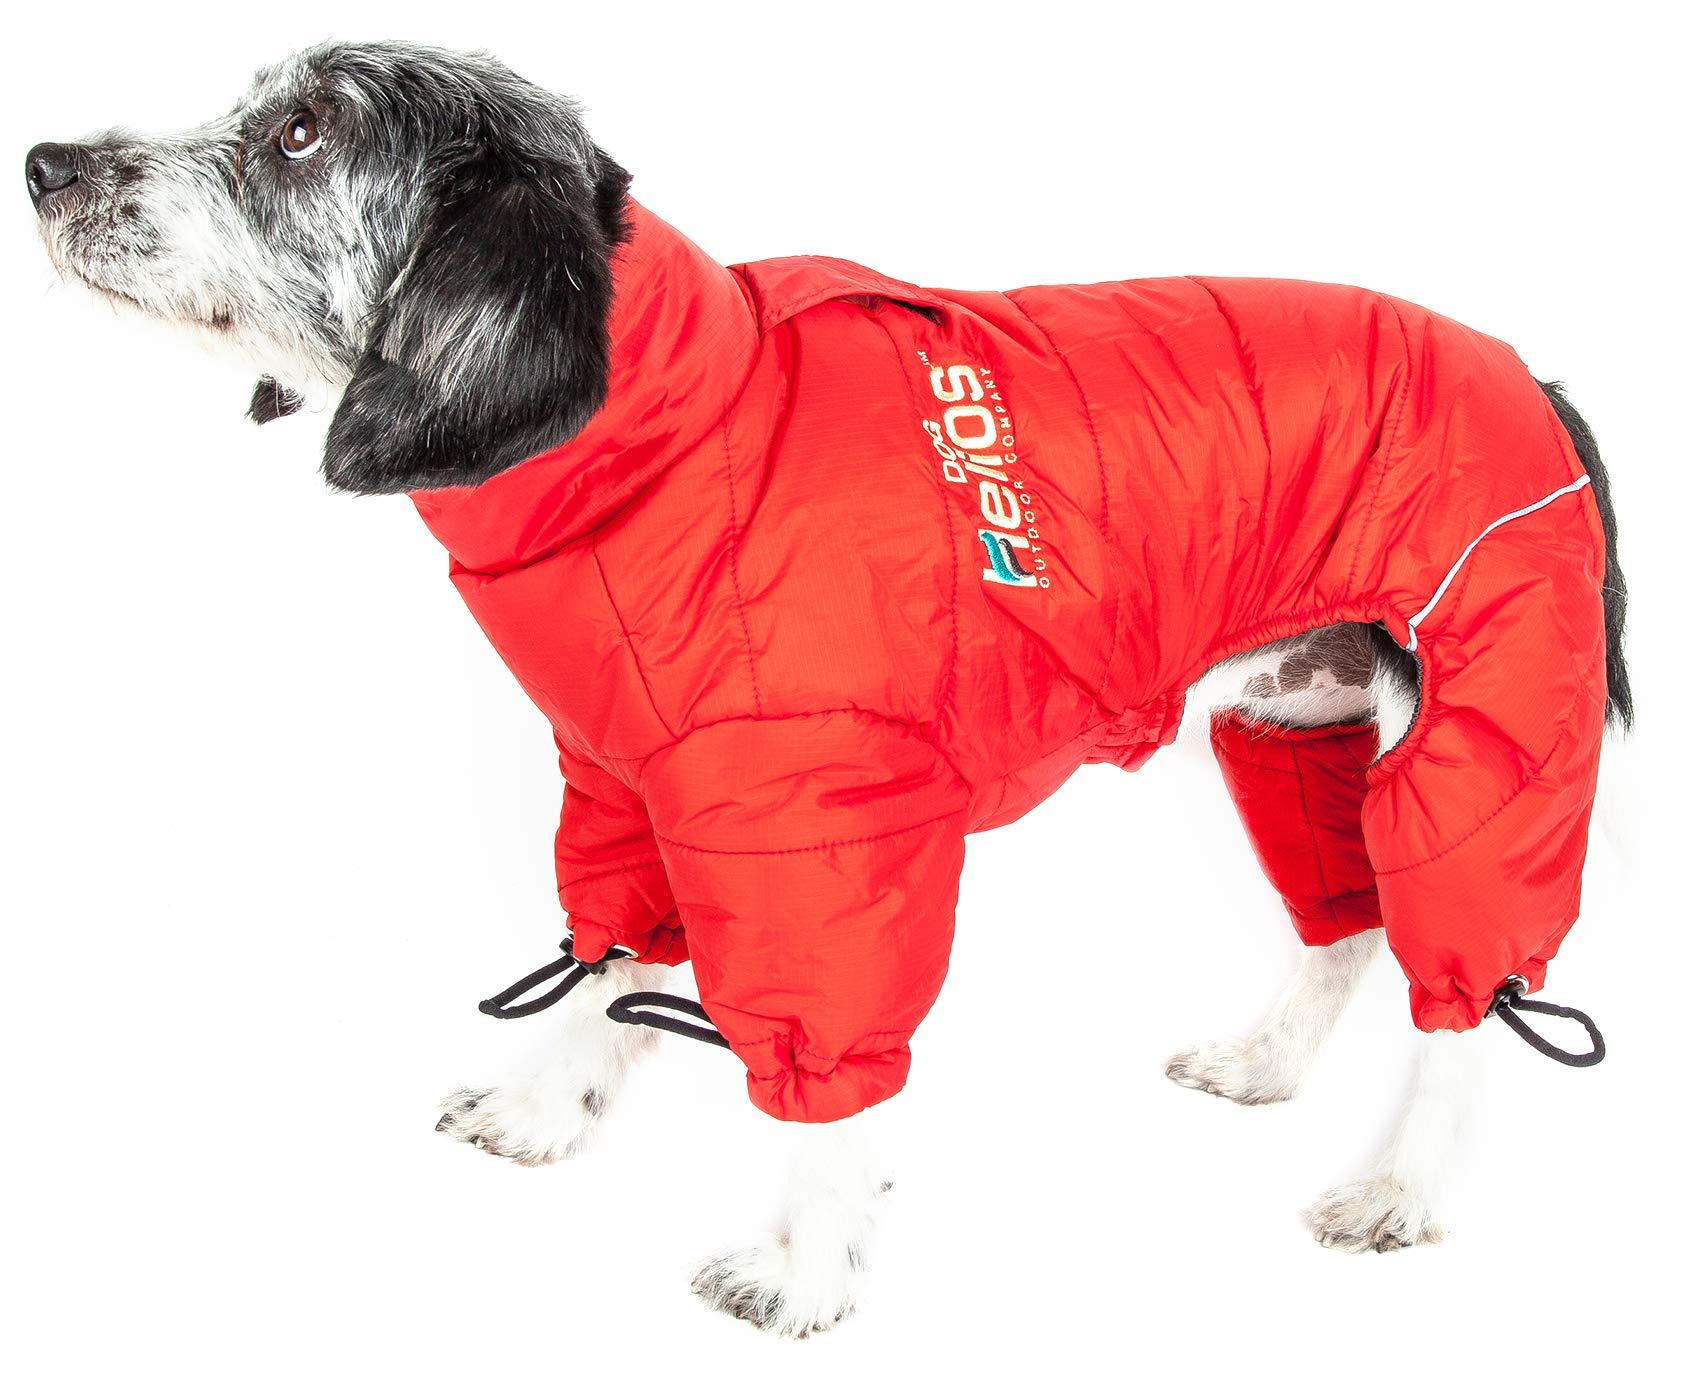 DOGHELIOS 'Thunder-Crackle' Full-Body Bodied Waded-Plush Adjustable and 3M Reflective Pet Dog Jacket Coat w/ Blackshark Technology, X-Large, Grenadine Red by DogHelios